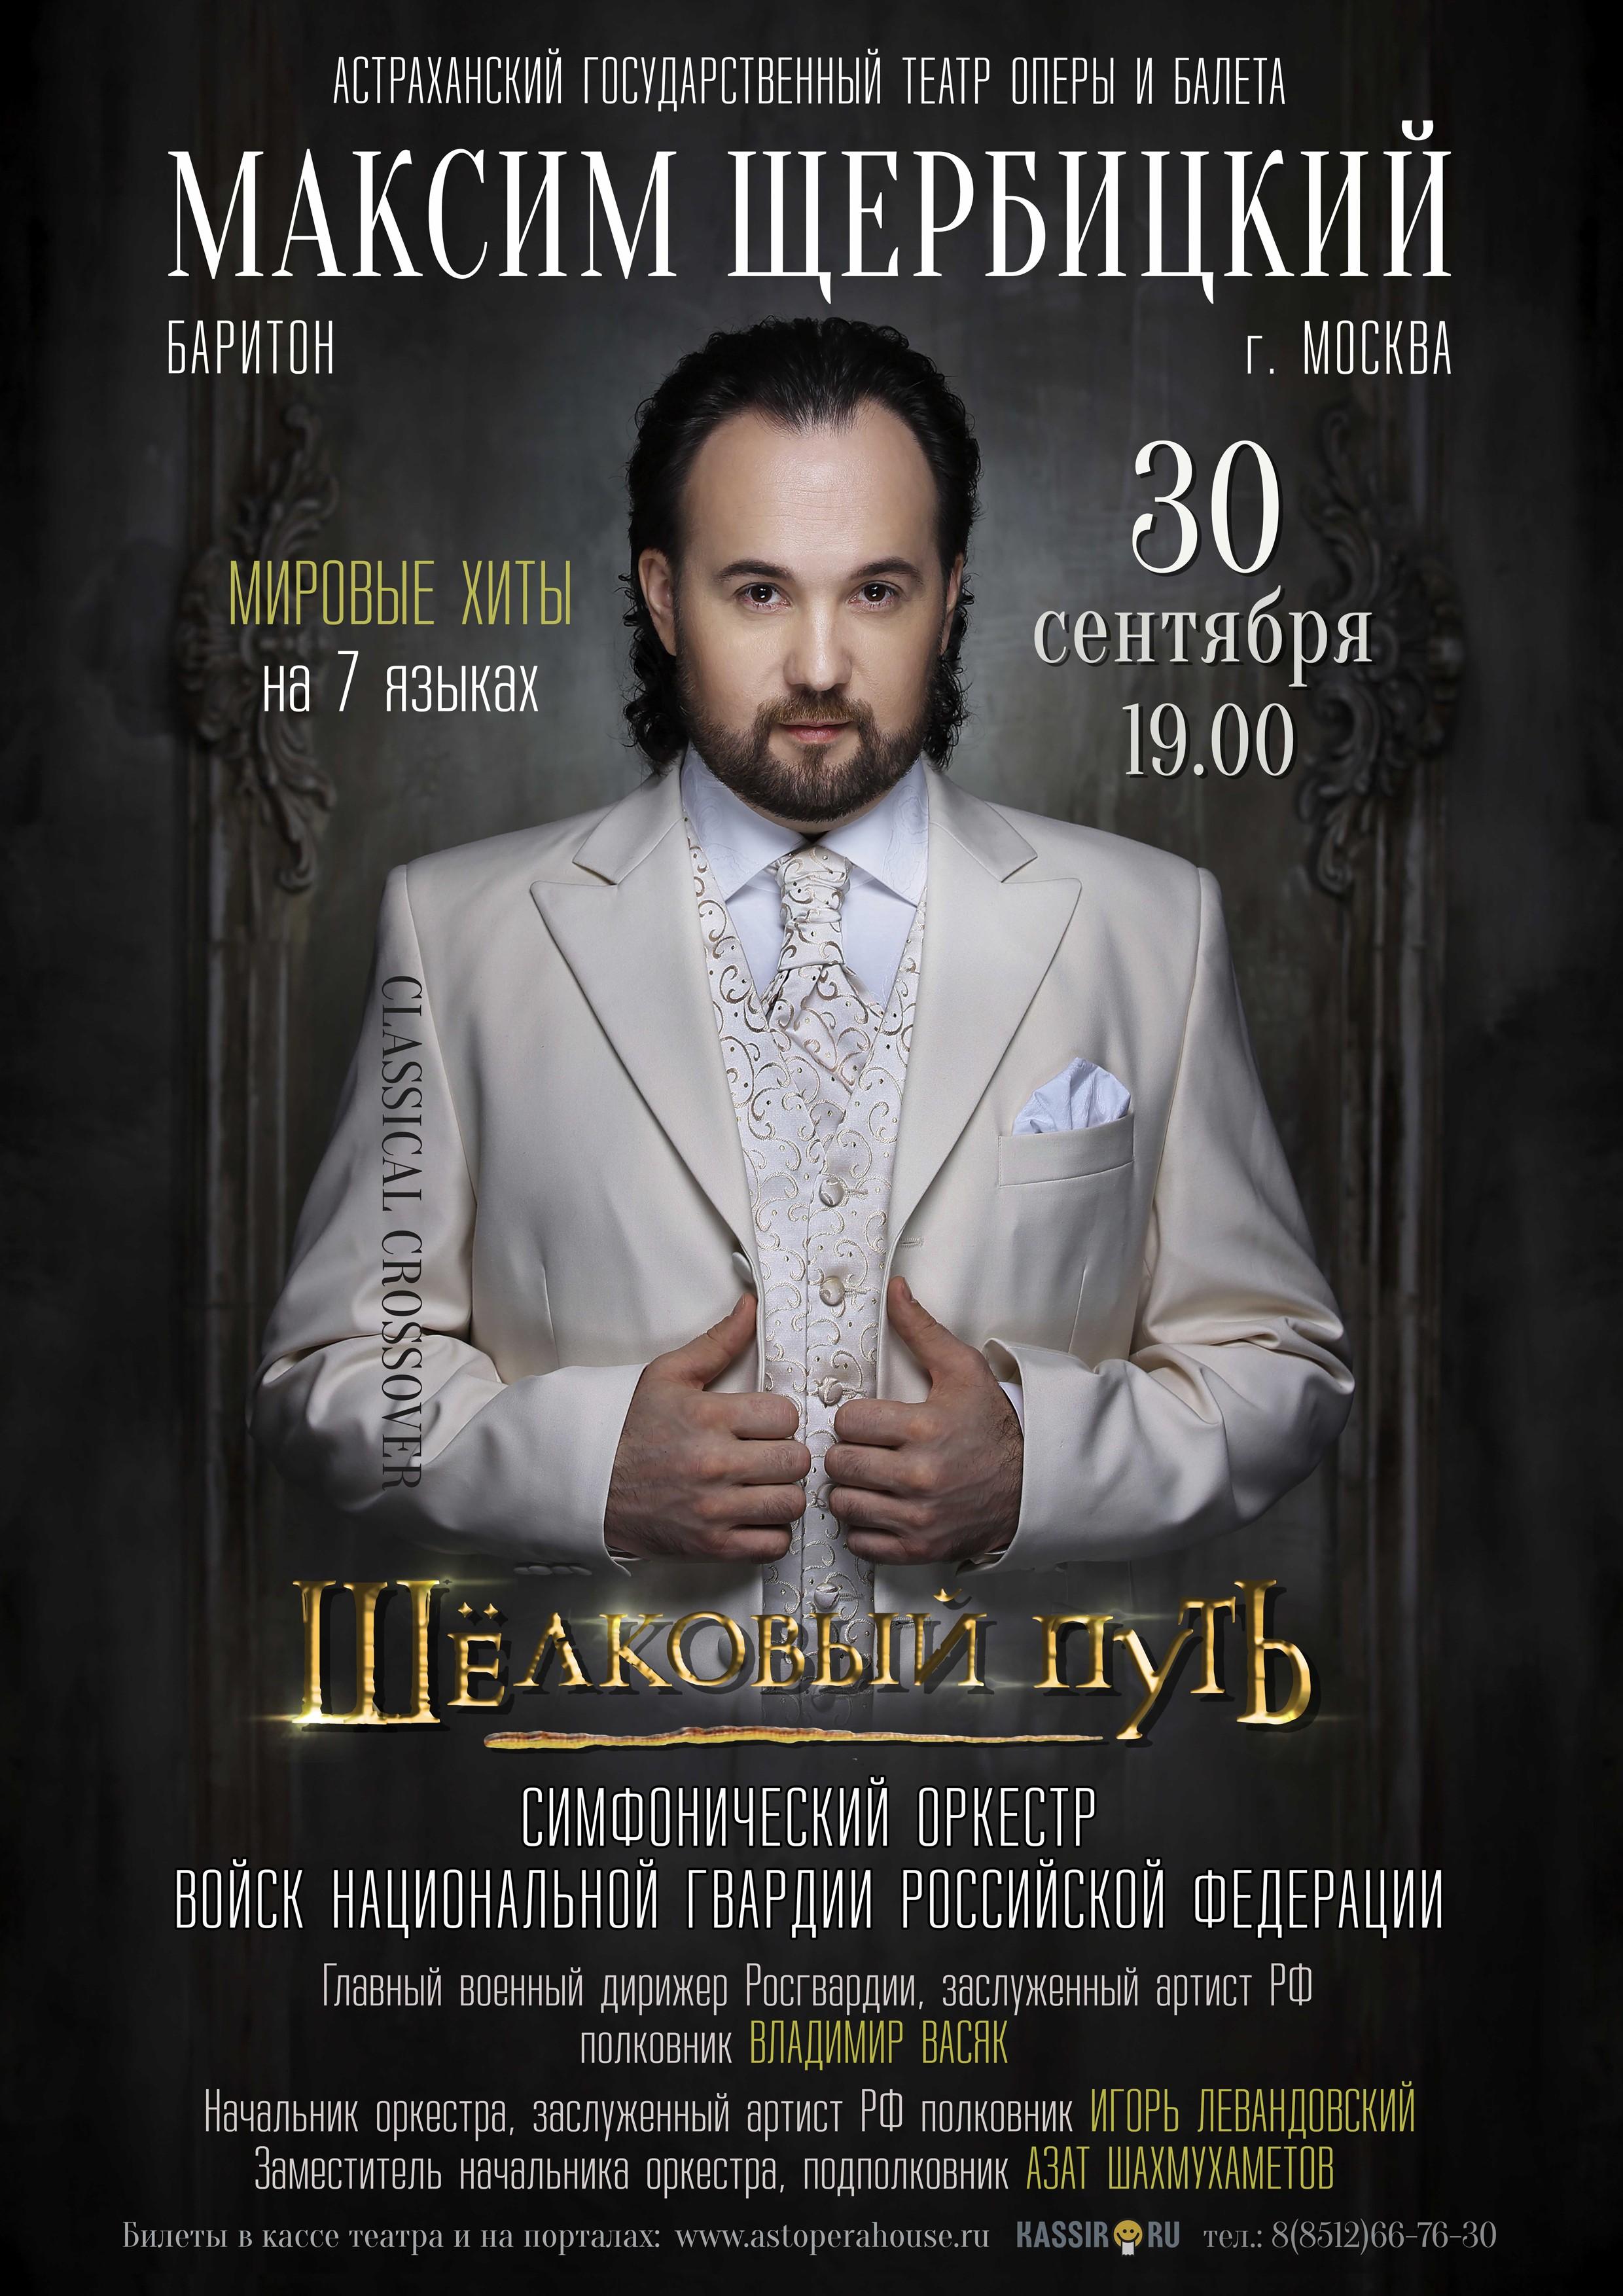 Концерт Максима Щербицкого с Оркестром Росгвардии